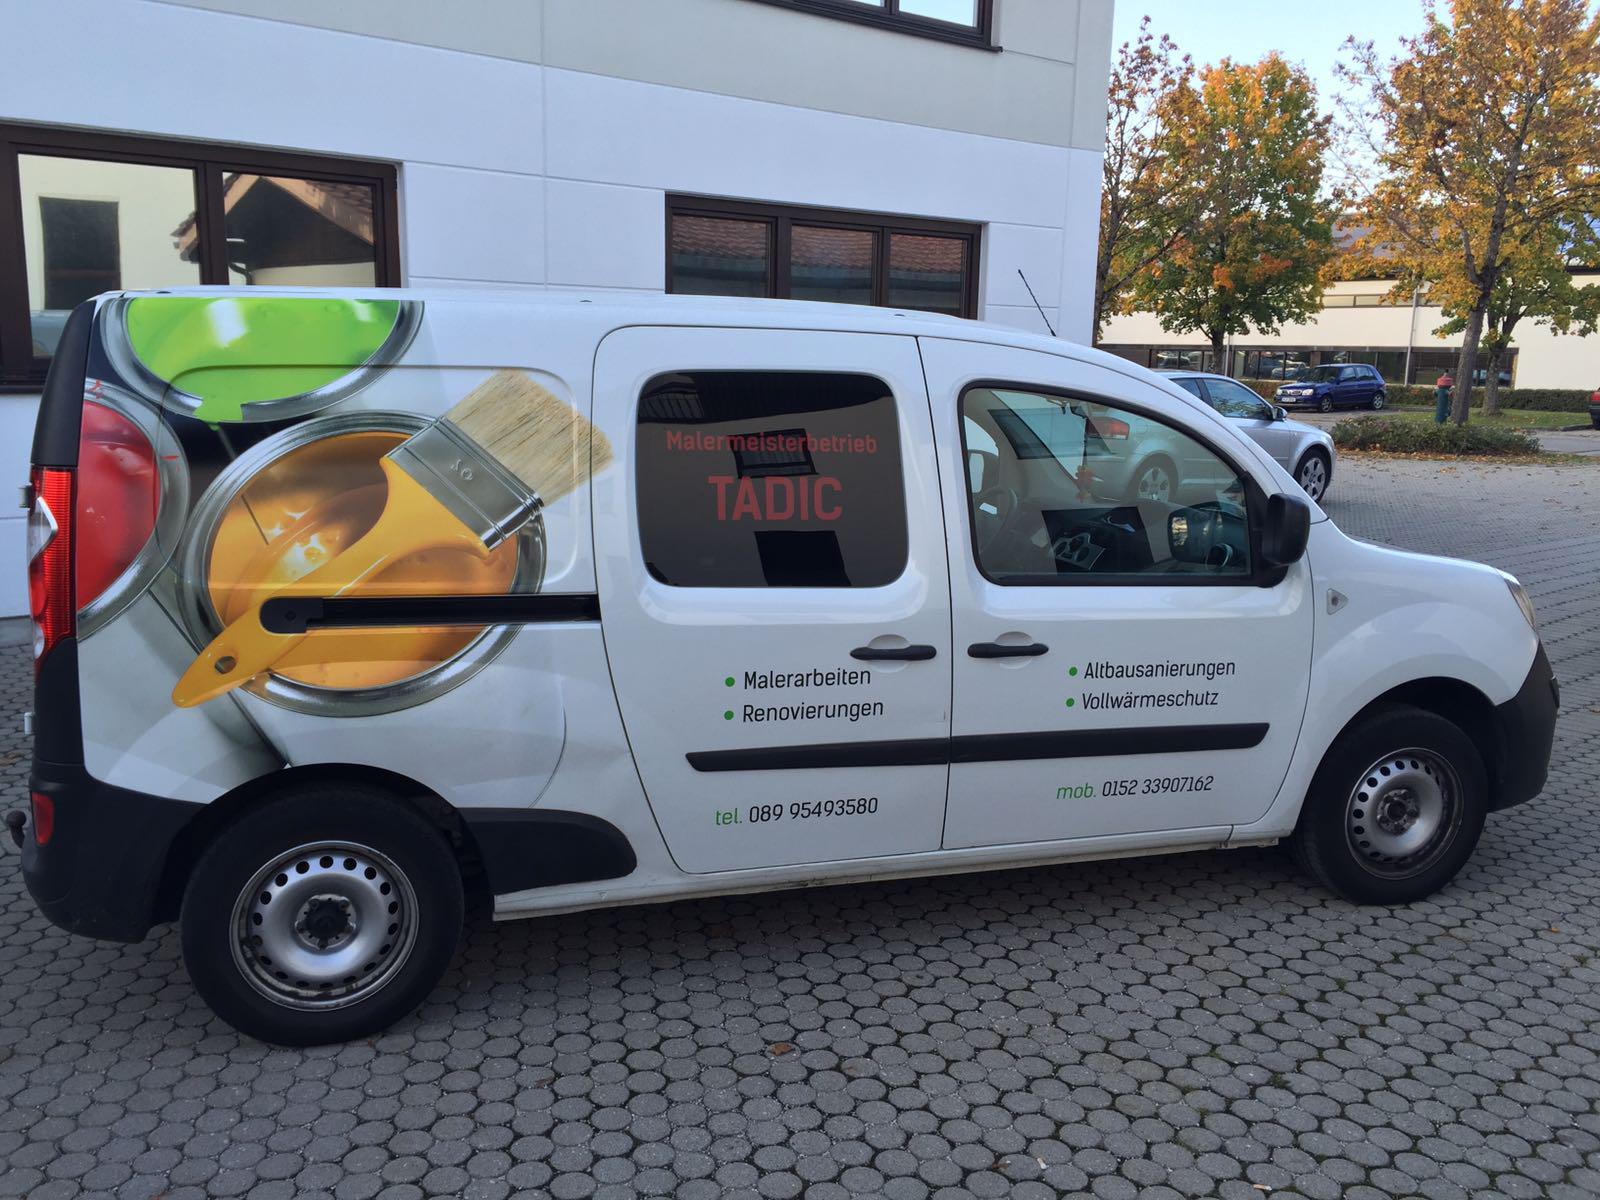 Autobeschriftung_Beklebung_Folie_Branding_Ingolstadt_München_1